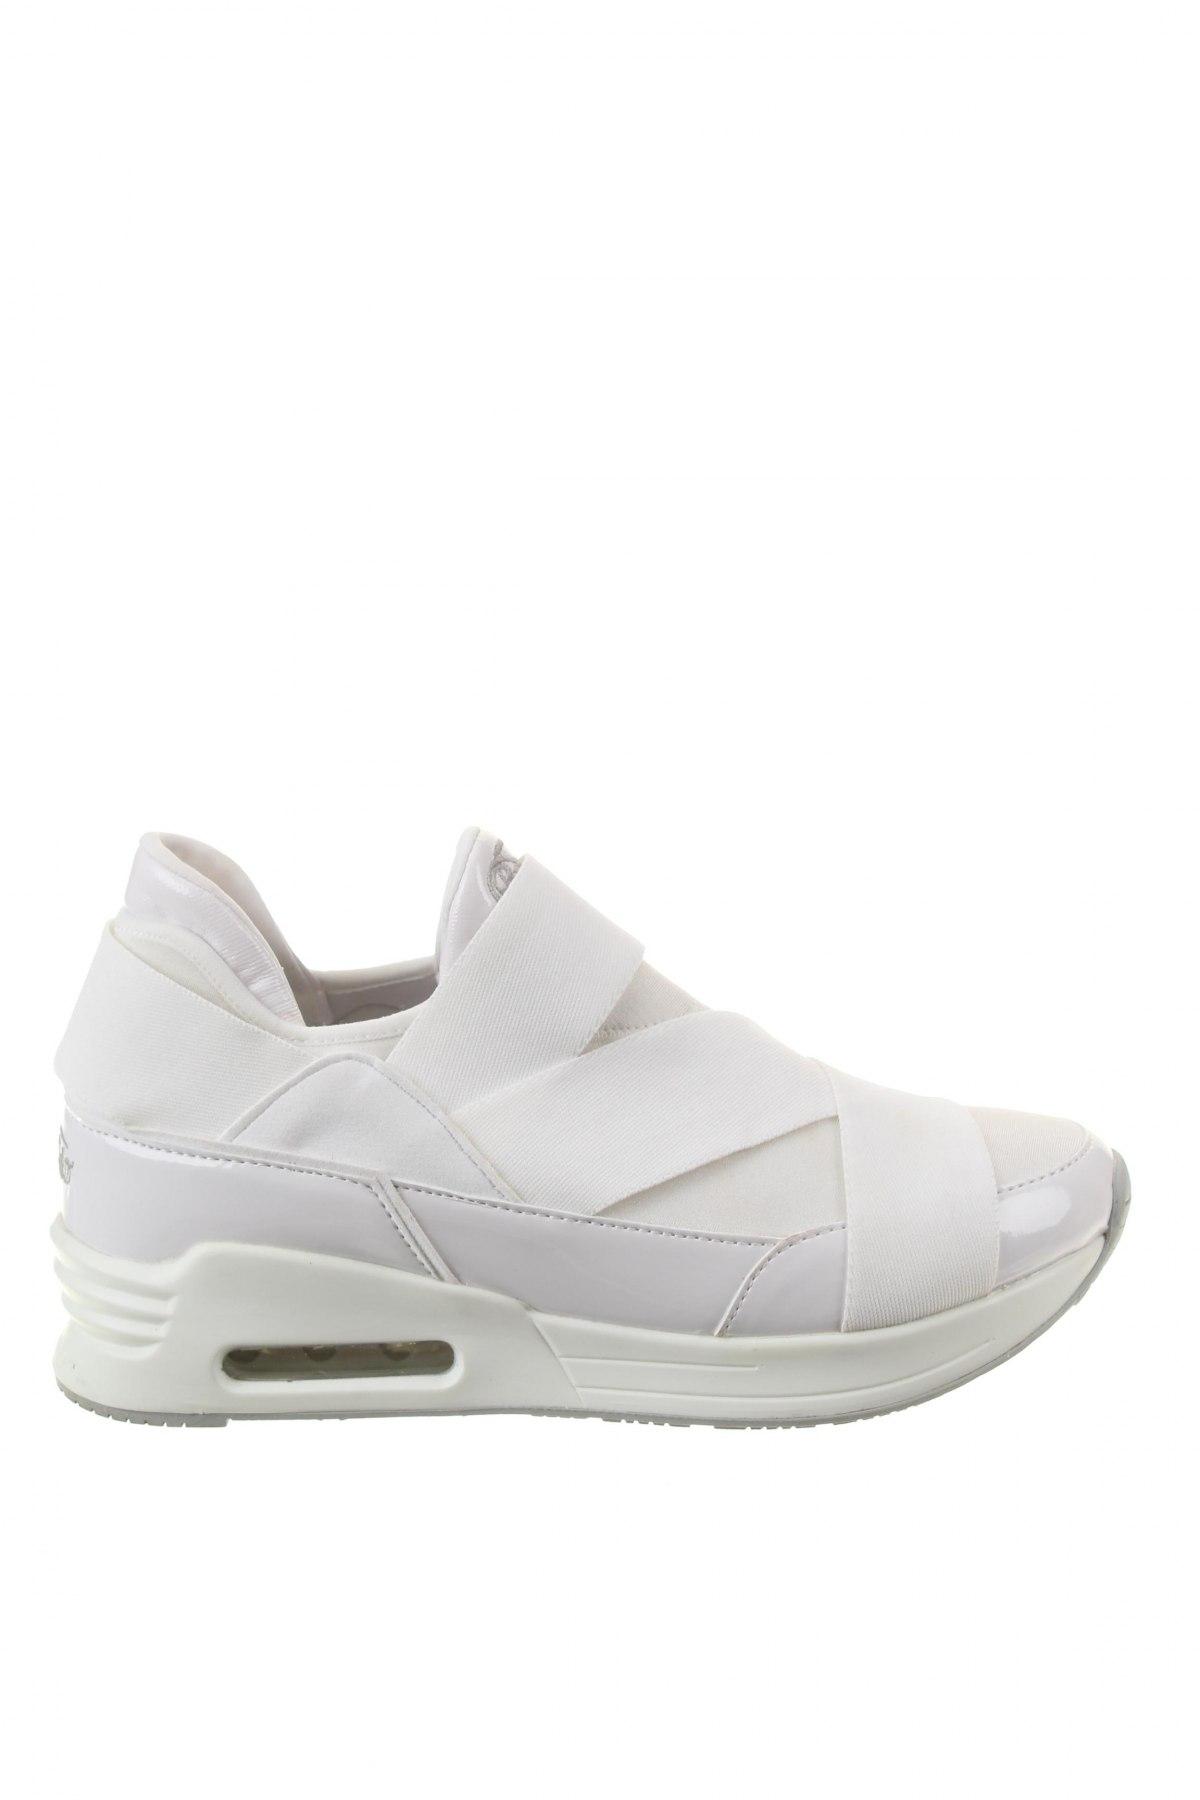 6eb8061e0235 Dámske topánky Buffalo - za výhodnú cenu na Remix -  104520795